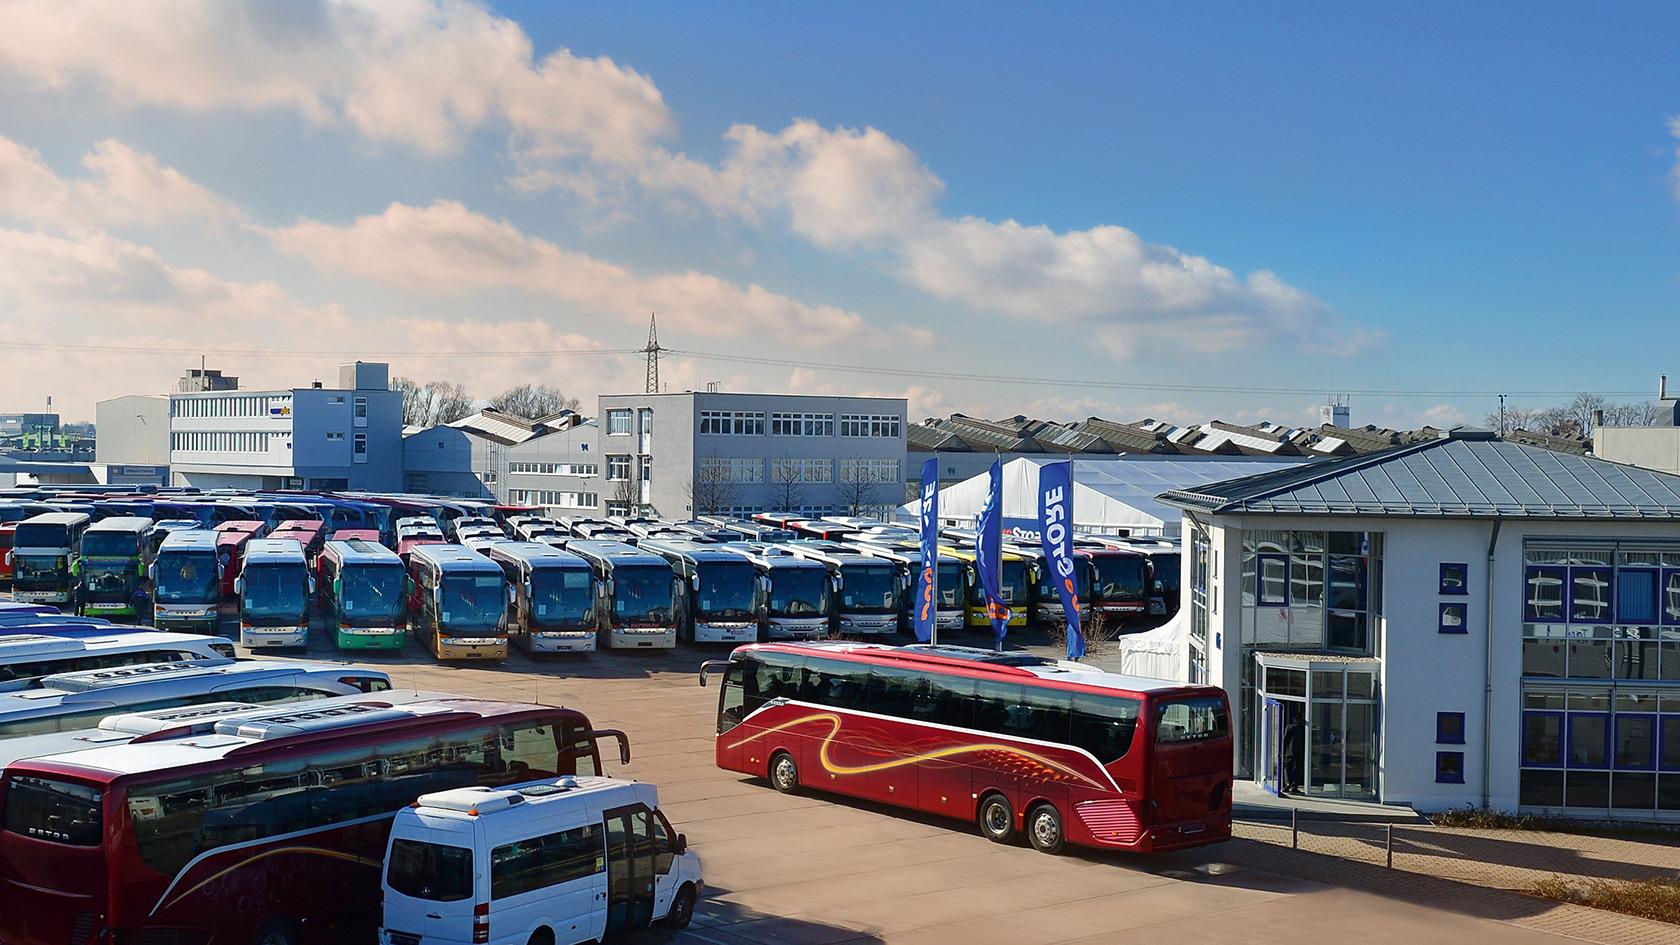 Imagini pentru bus store